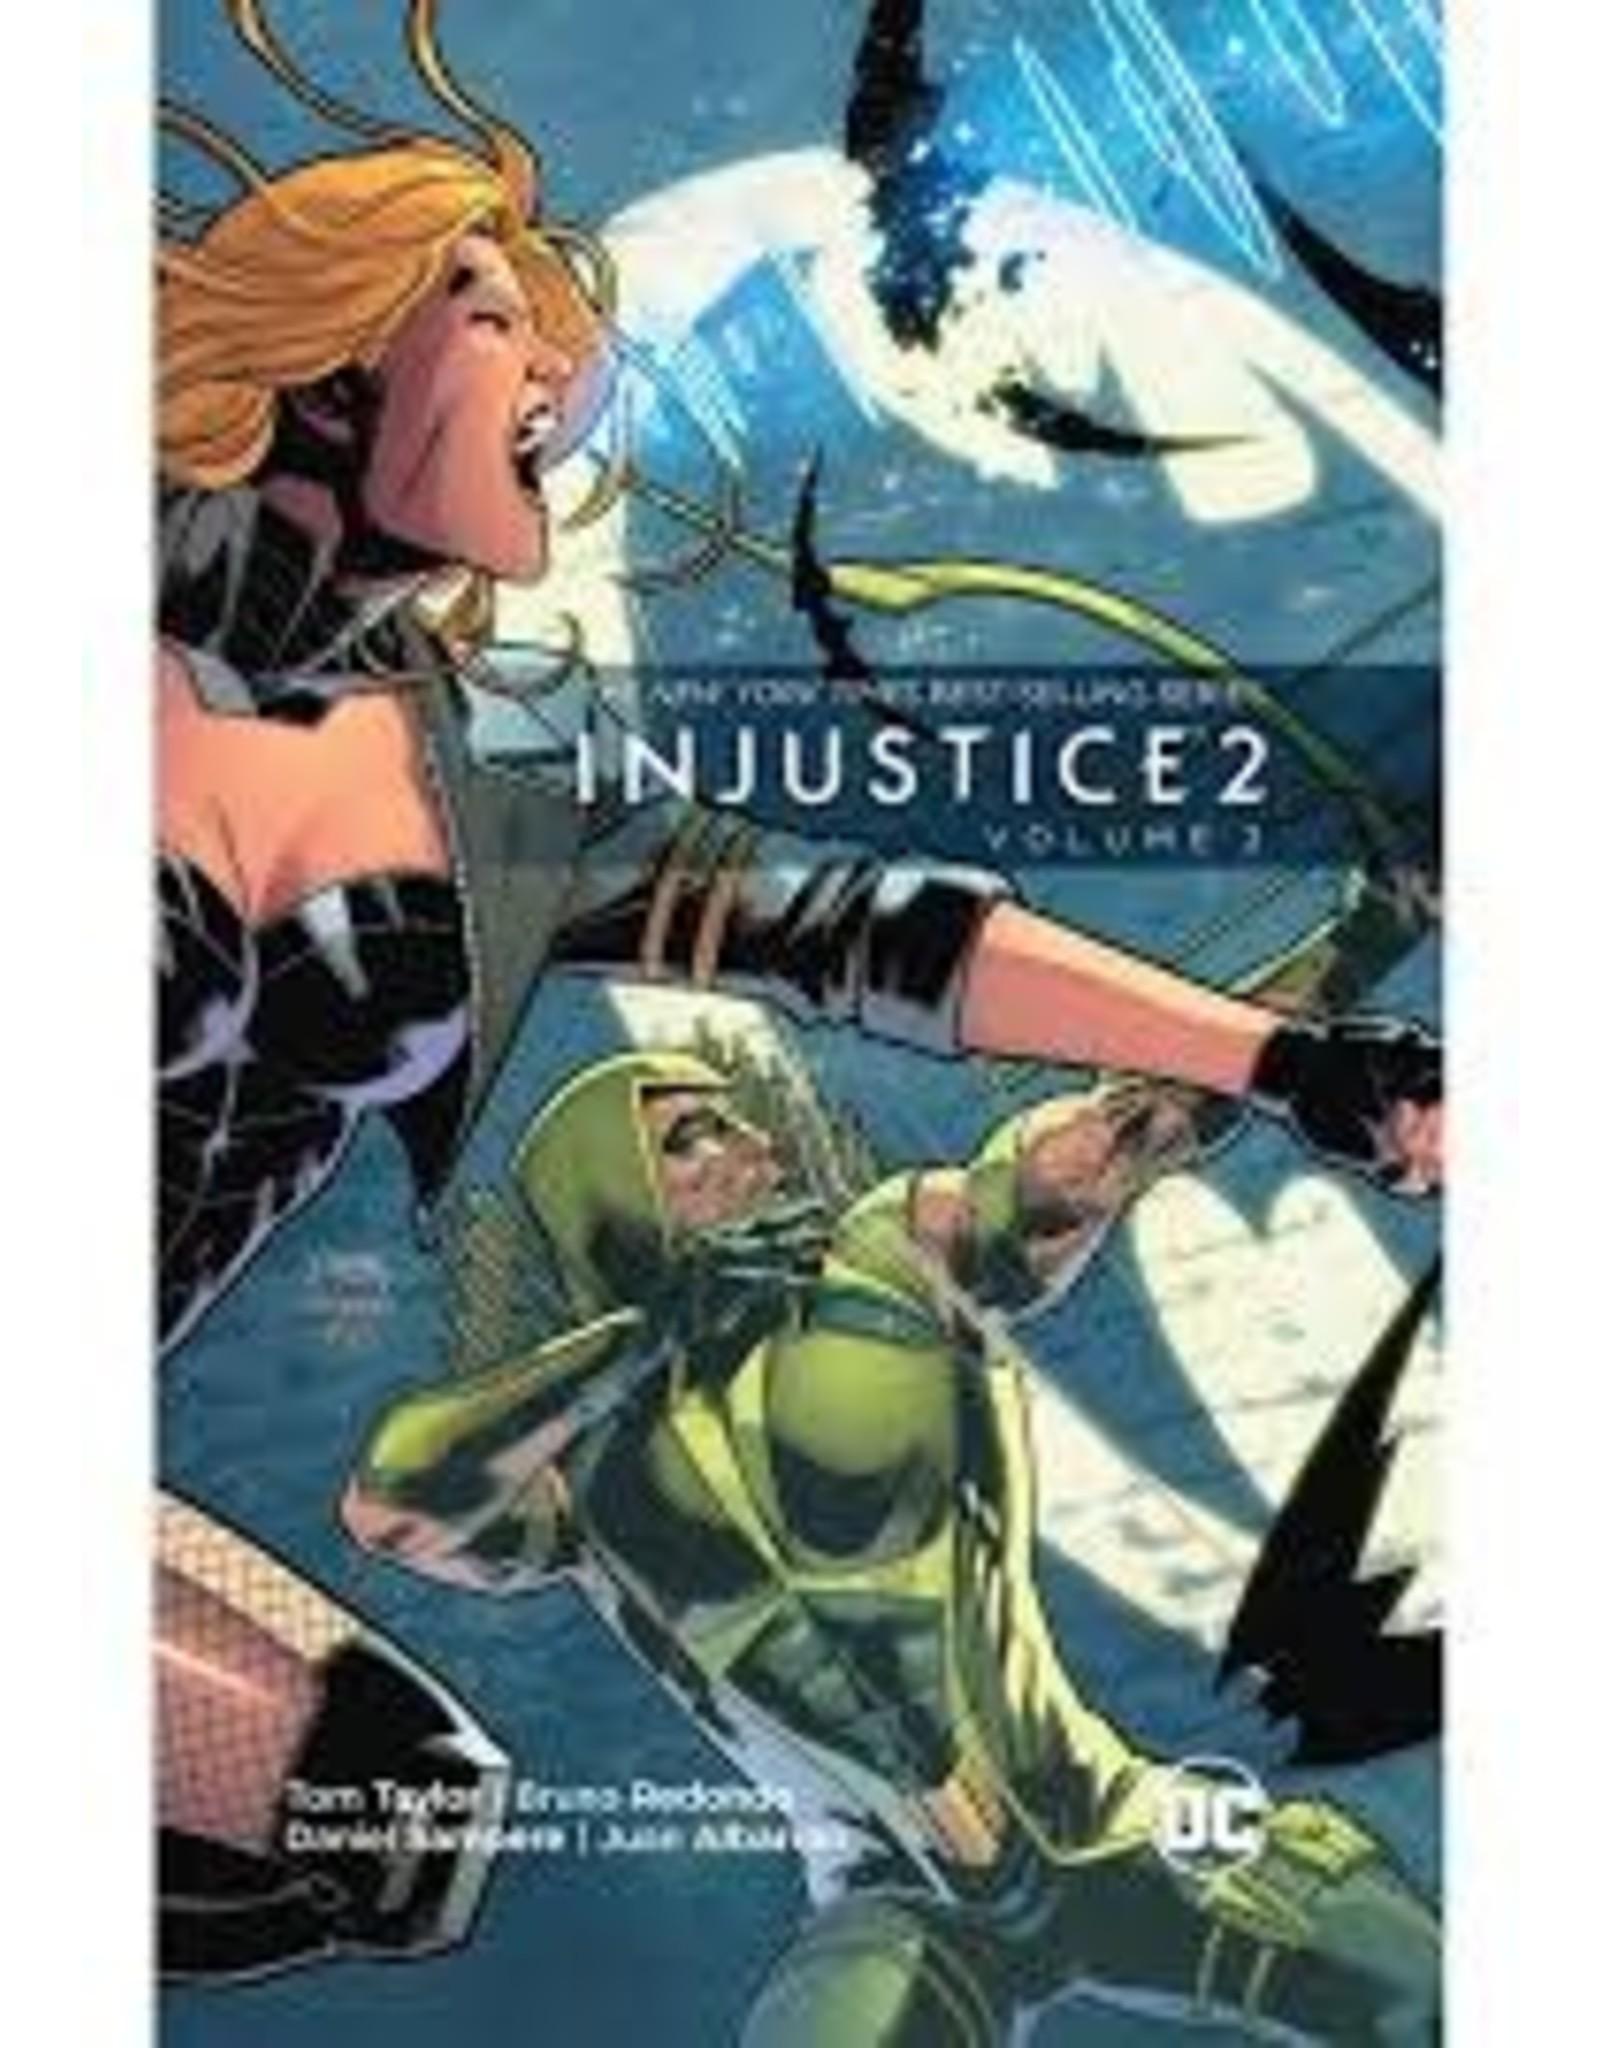 DC COMICS INJUSTICE 2 TP VOL 02